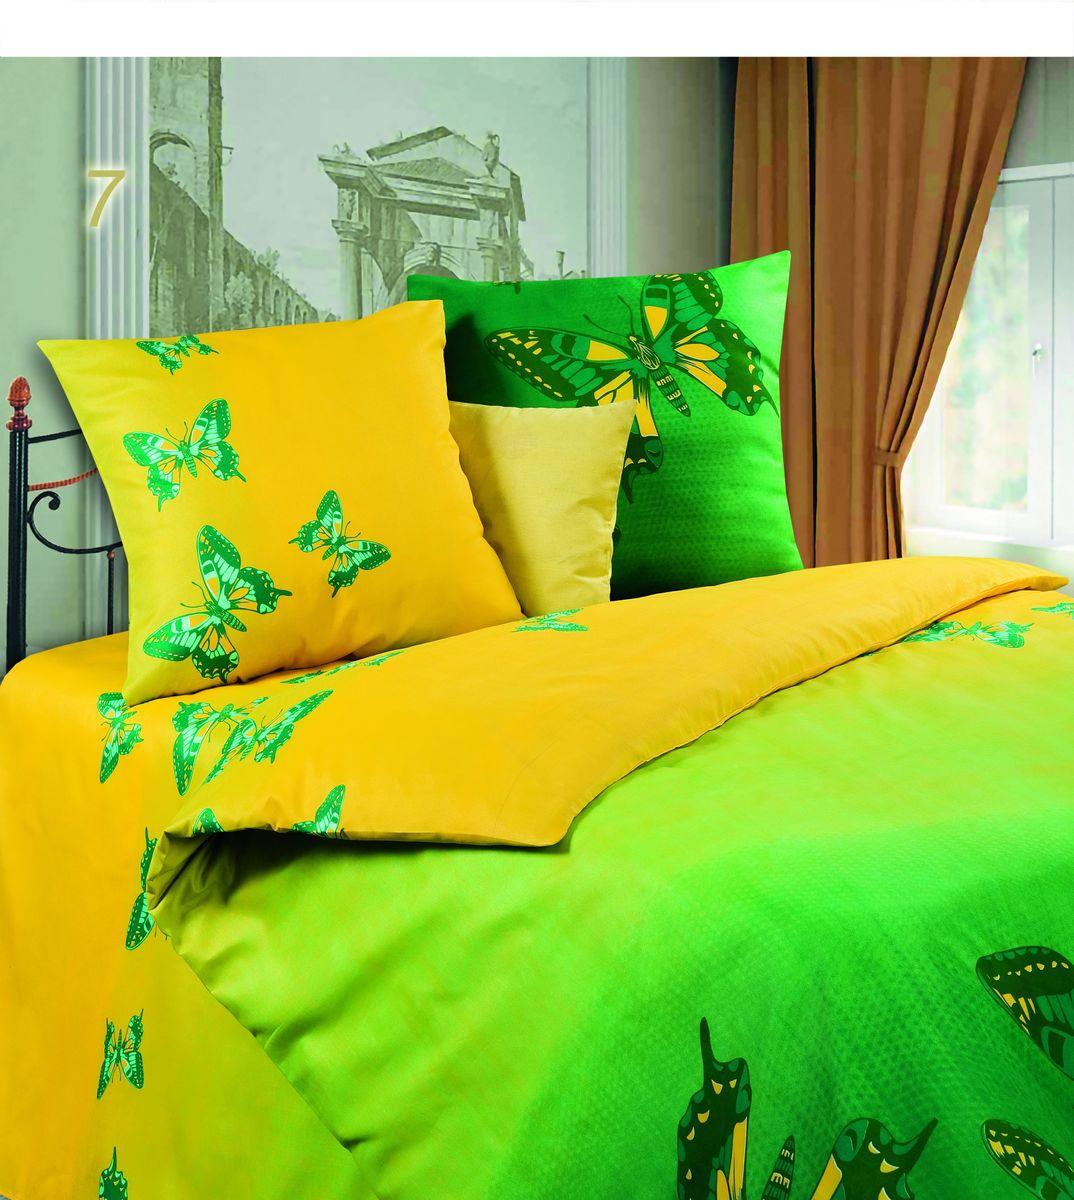 Комплект белья Диана Мгновение, семейный, наволочки 70х70, цвет: желтый, зеленый. PW-7-143-220-69PW-7-143-220-69Комплект постельного белья Диана Мгновение, изготовленный из микрофибры, поможет вам расслабиться и подарит спокойный сон. Ткань микрофибра - новая технология в производстве постельного белья. Тонкие волокна, используемые в ткани, производят путем переработки полиамида и полиэстера. Такая нить не впитывает влагу, как хлопок, а пропускает ее через себя, и влага быстро испаряется. Ткань не деформируется и хорошо держит форму, не скатывается, быстро высыхает и устойчива к световому воздействию. Изделия не мнутся и хорошо сохраняют первоначальную форму. Постельное белье оформлено изображением бабочек, имеет изысканный внешний вид и обладает яркостью и сочностью цвета. Комплект состоит из двух пододеяльников, простыни и двух наволочек. Благодаря такому комплекту постельного белья вы сможете создать атмосферу уюта и комфорта в вашей спальне.